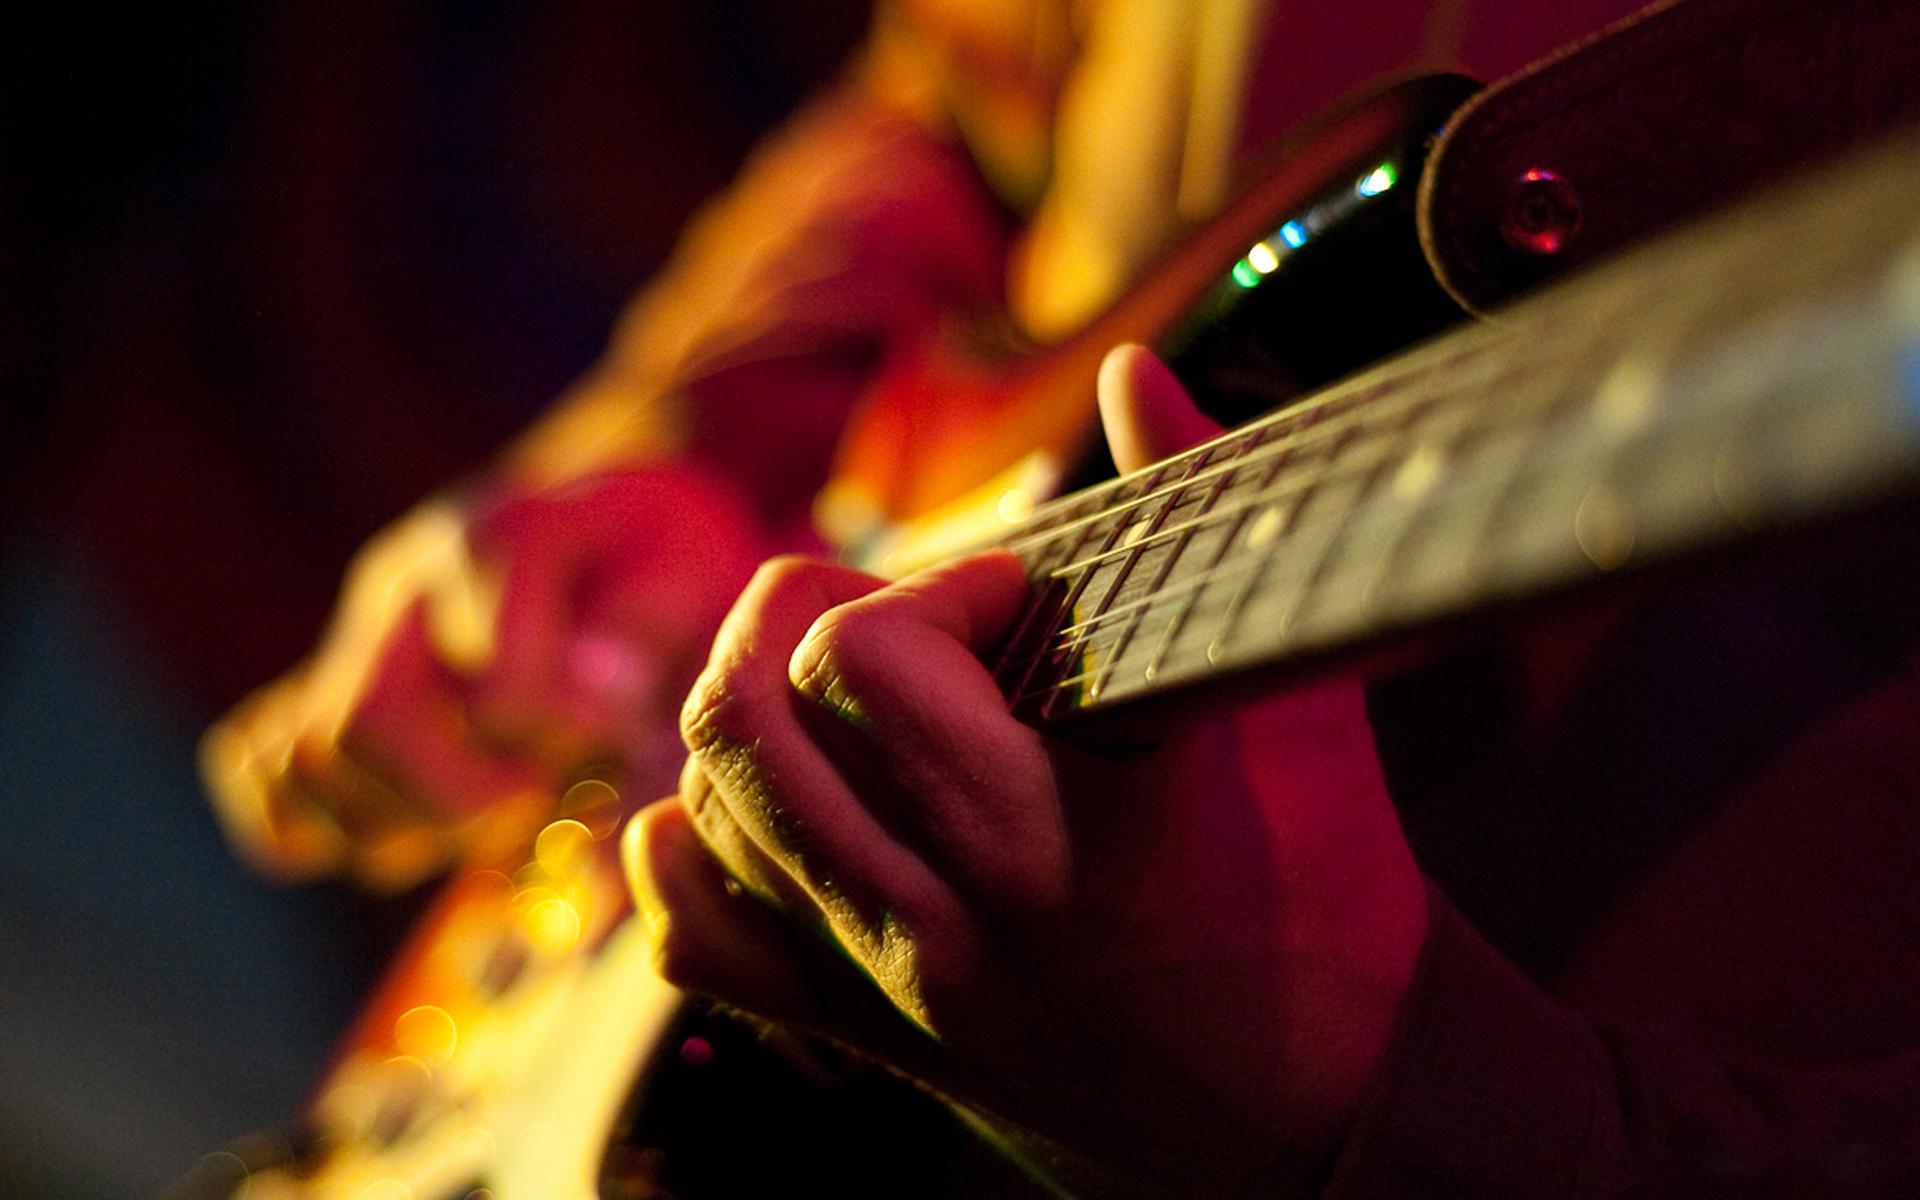 guitar pictures as wallpaper wallpapersafari